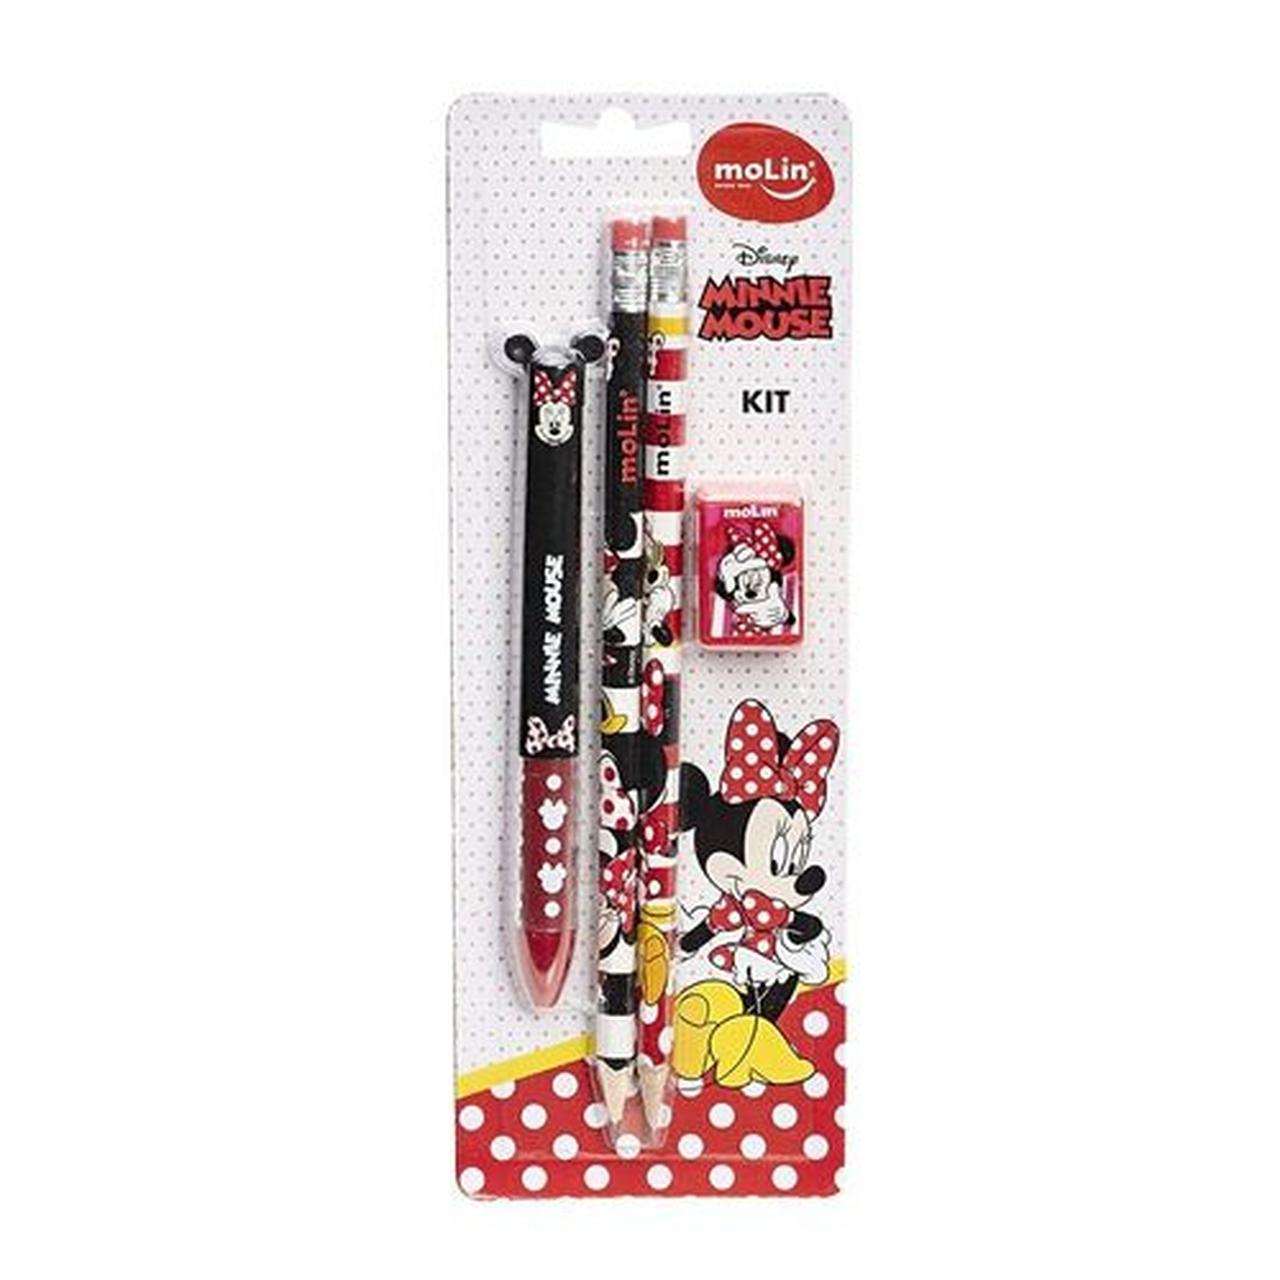 Kit Escolar Minnie Mouse Com Quatro Itens  - Molin 22326